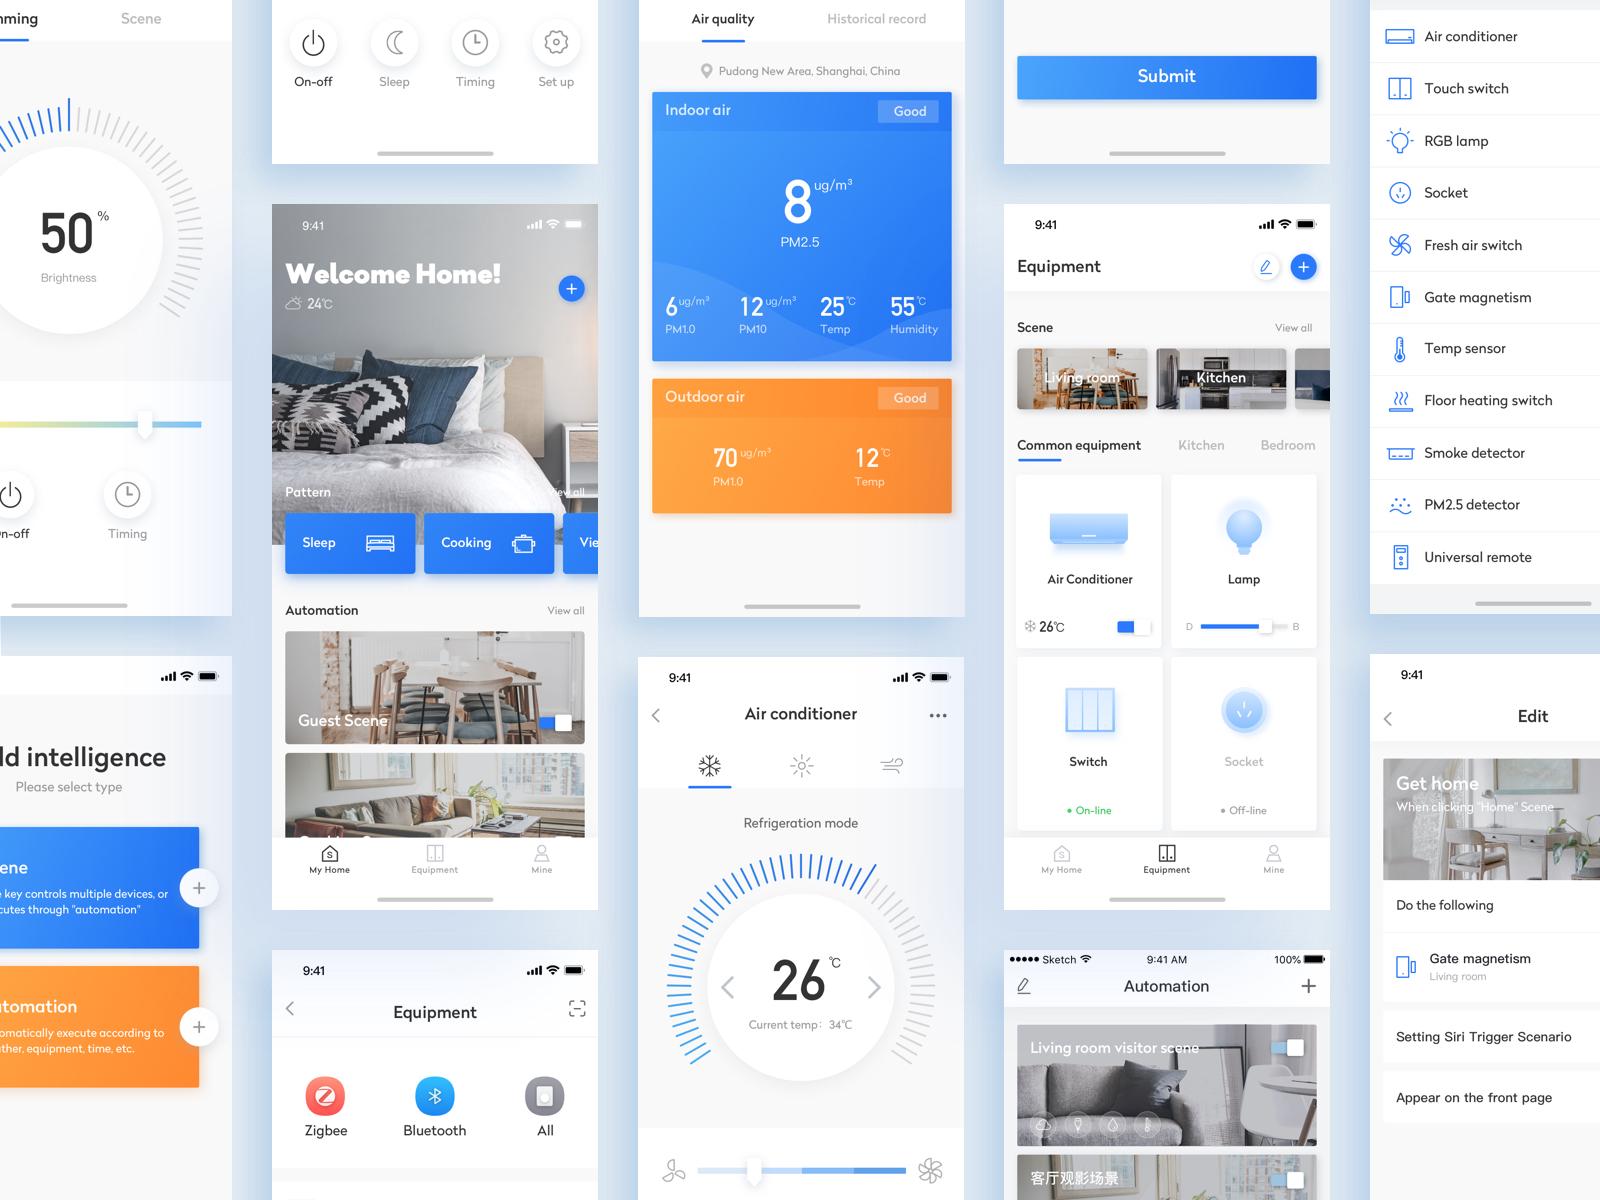 smart_home-3_4x.jpg